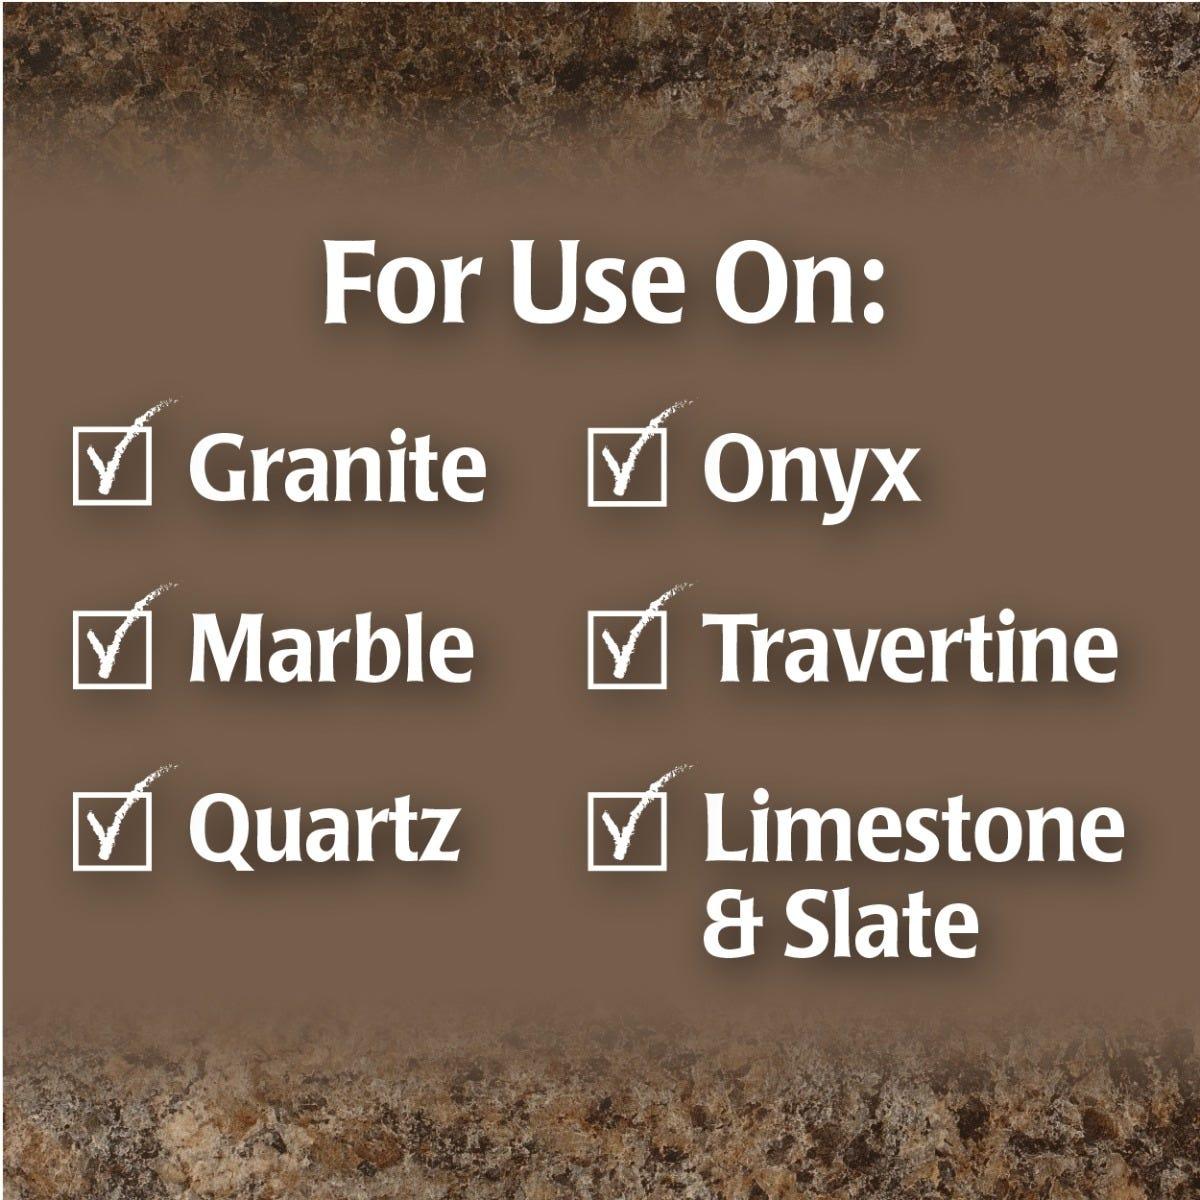 https://googone.com/media/catalog/product/g/r/granite_cleaner_aerosol_01.jpg